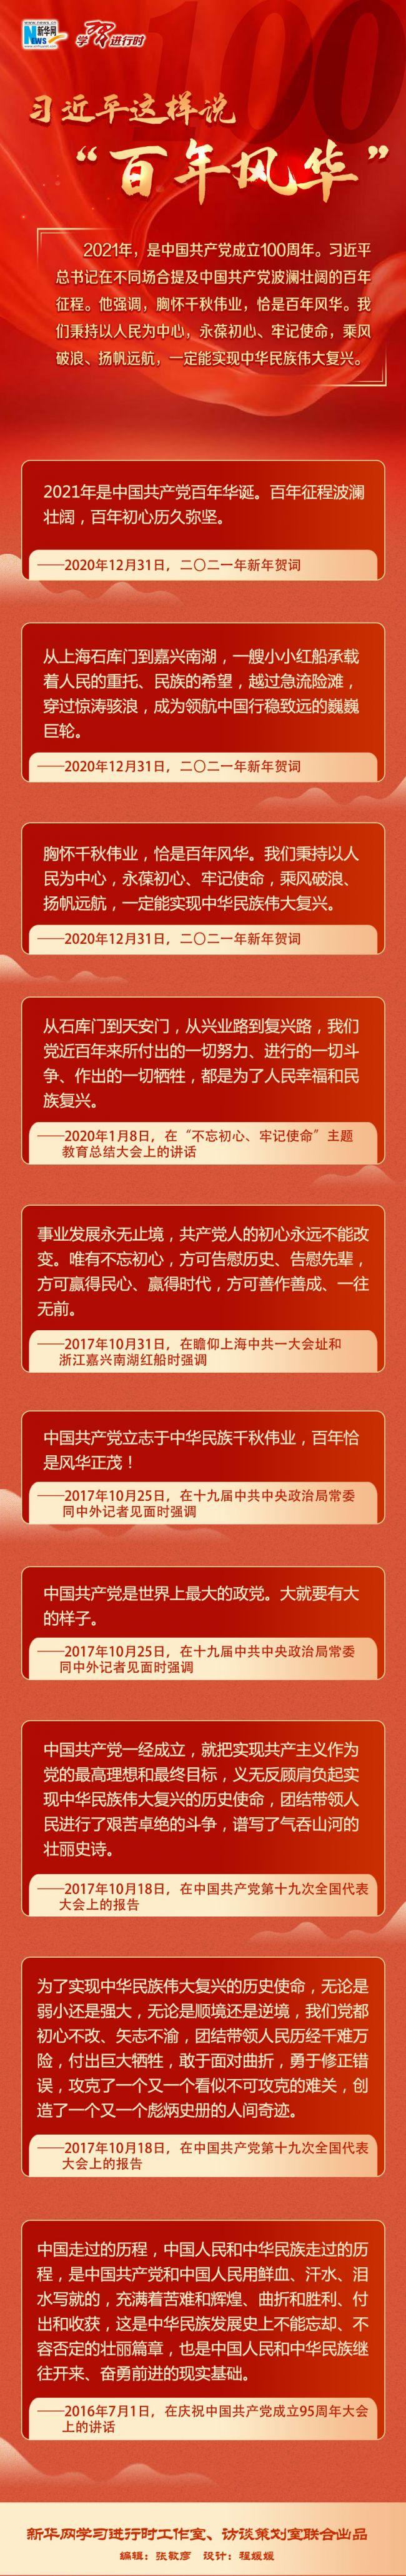 """《【恒达代理平台注册】习近平这样说""""百年风华""""》"""